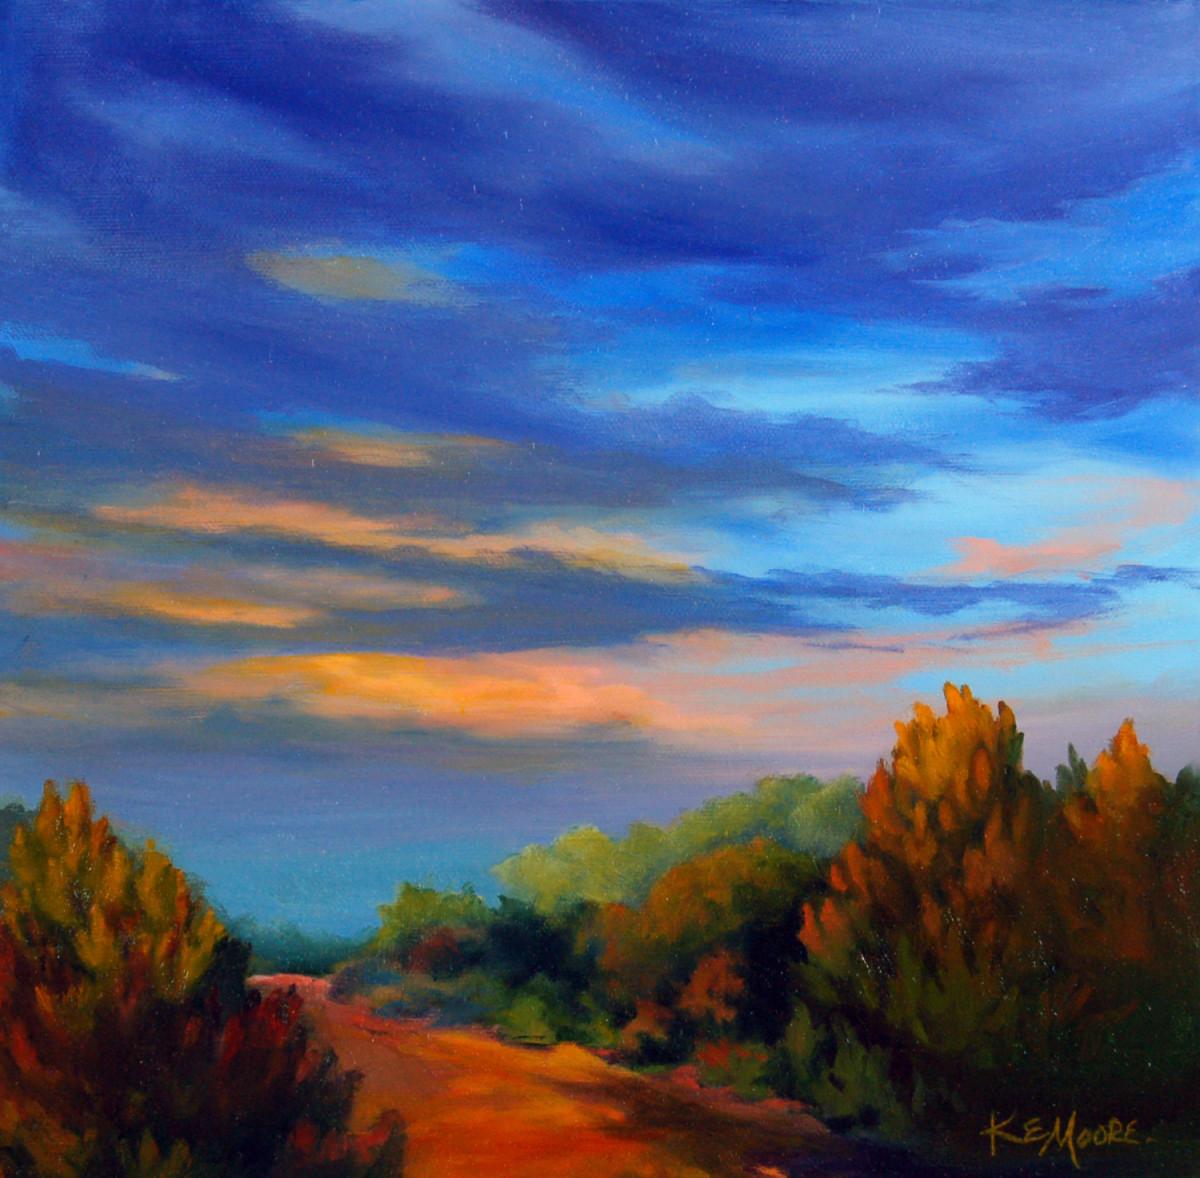 Morning Light by Kathleen Moore